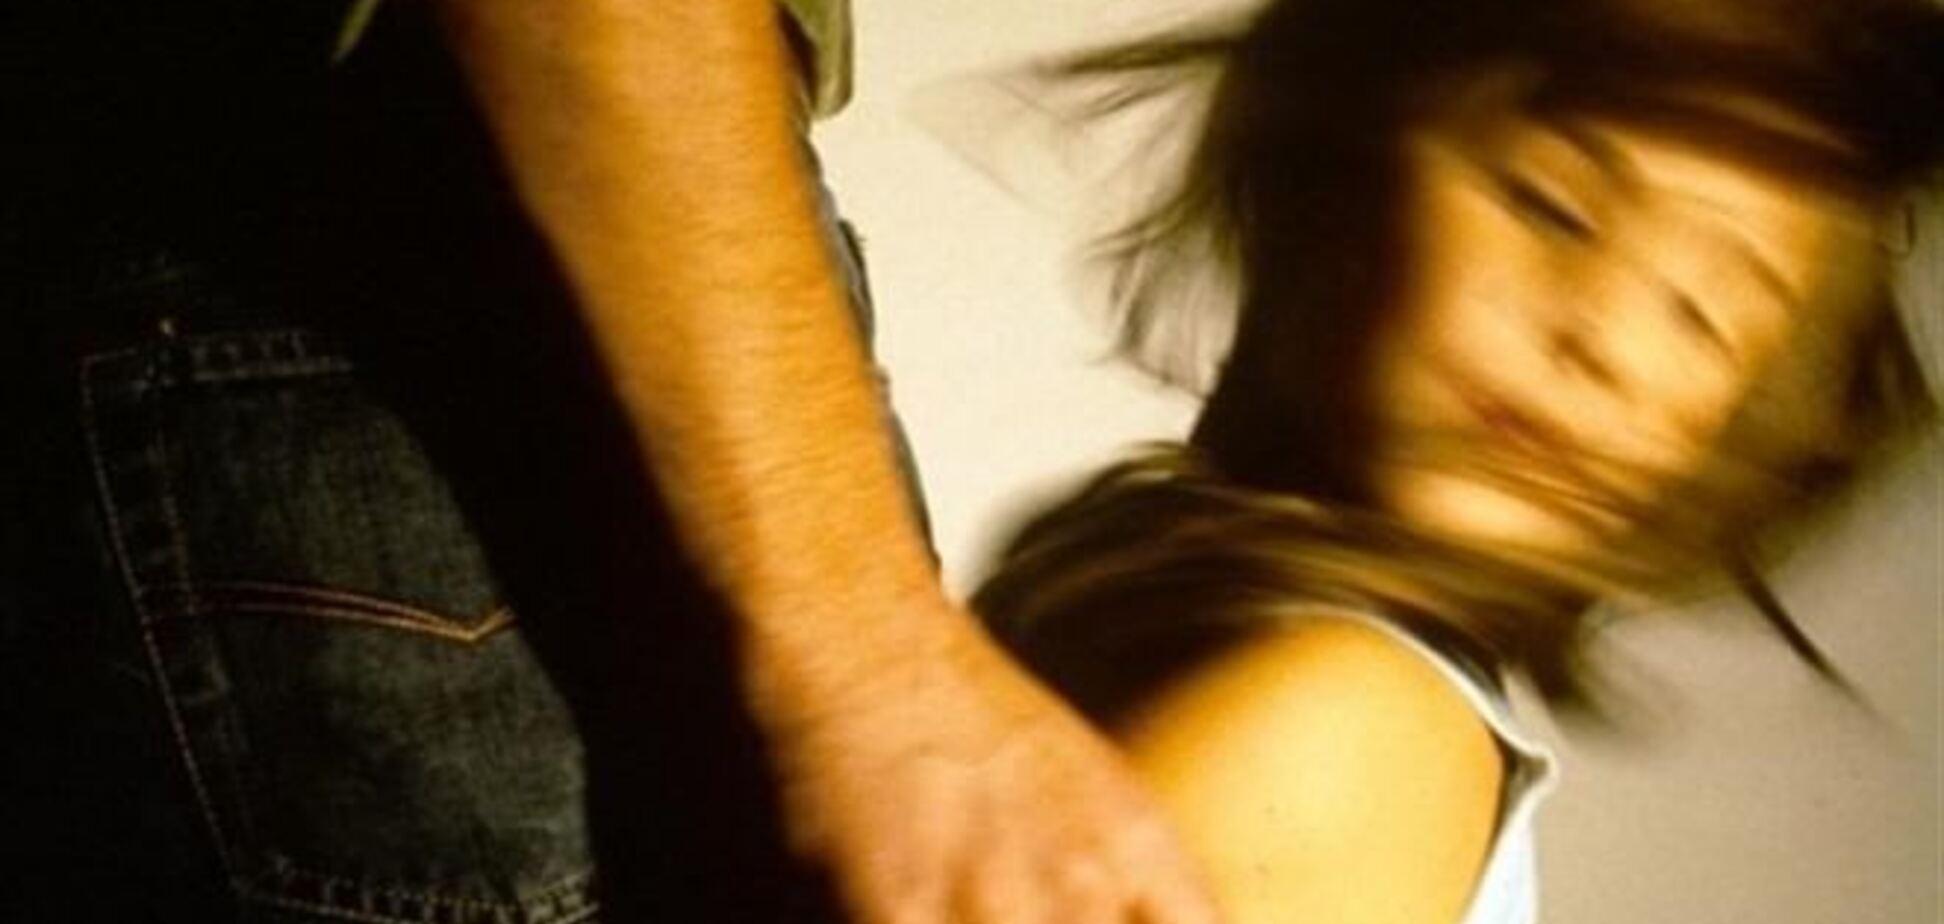 Львовянину дали 11 лет тюрьмы за изнасилование 6-летней девочки